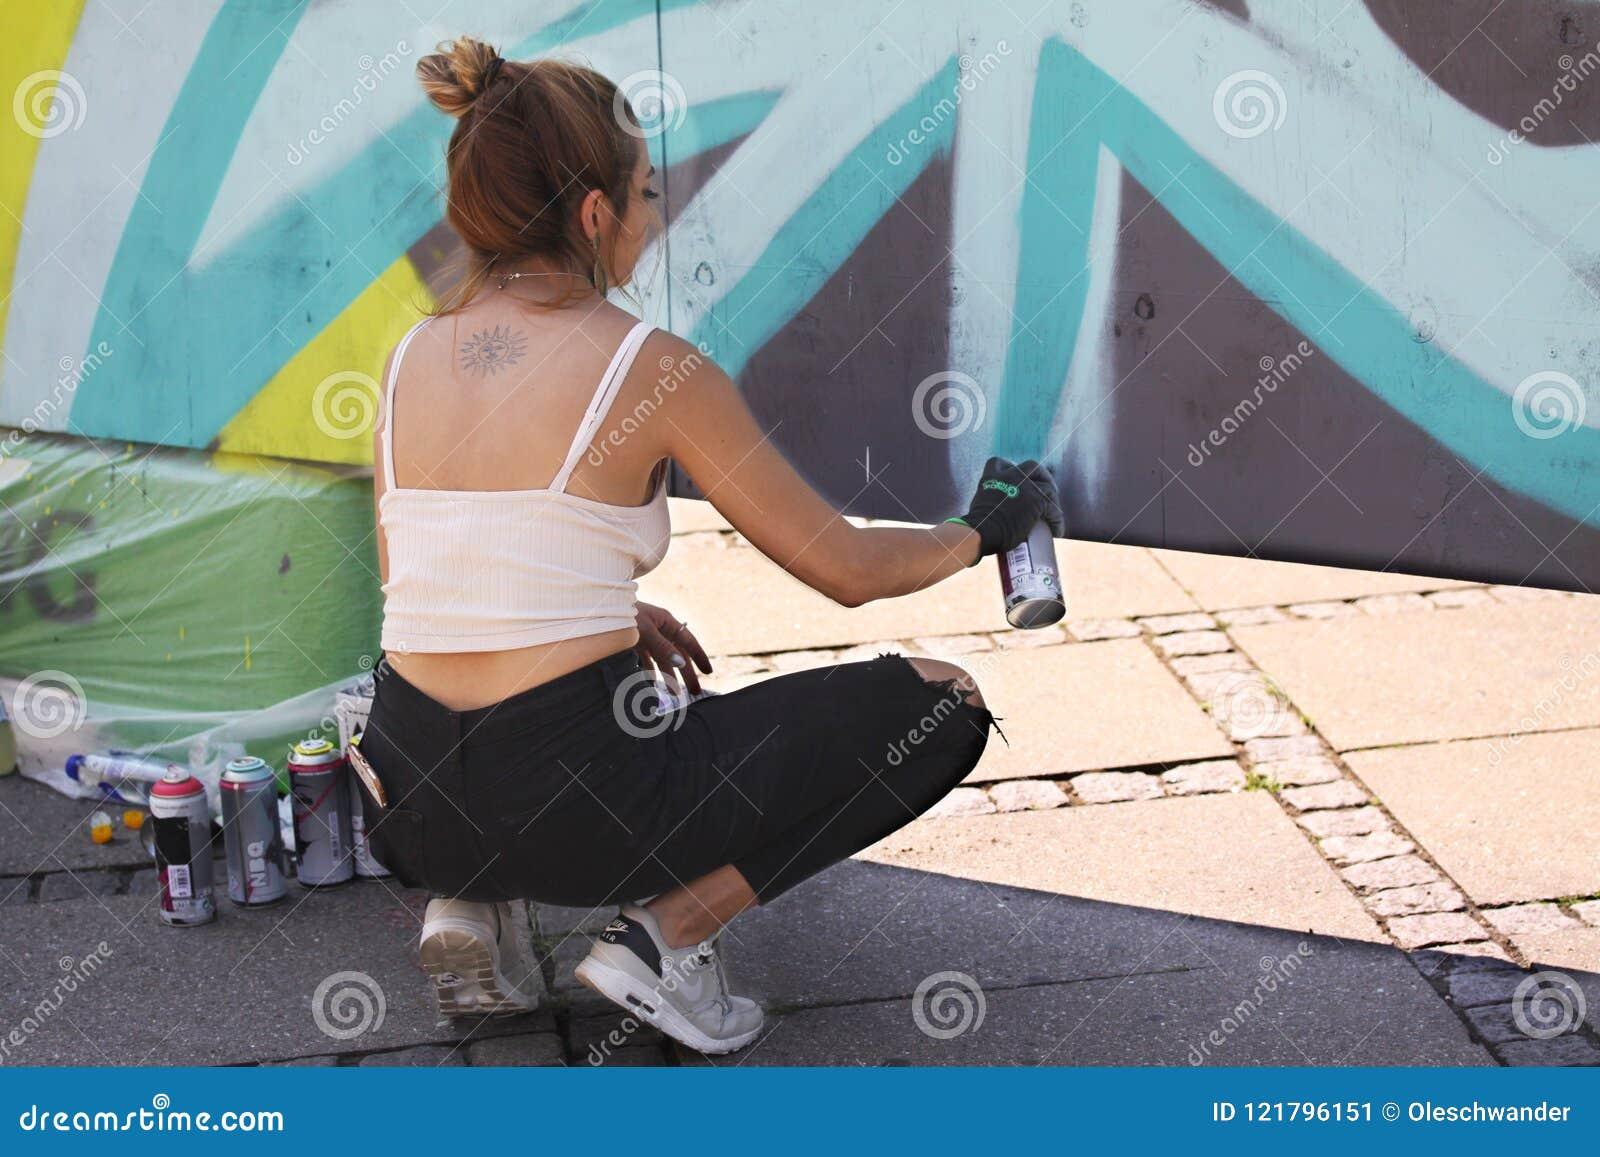 Artiste féminin de rue peignant le graffiti coloré sur le mur - concept d art moderne avec les murales vivants de peinture urbain